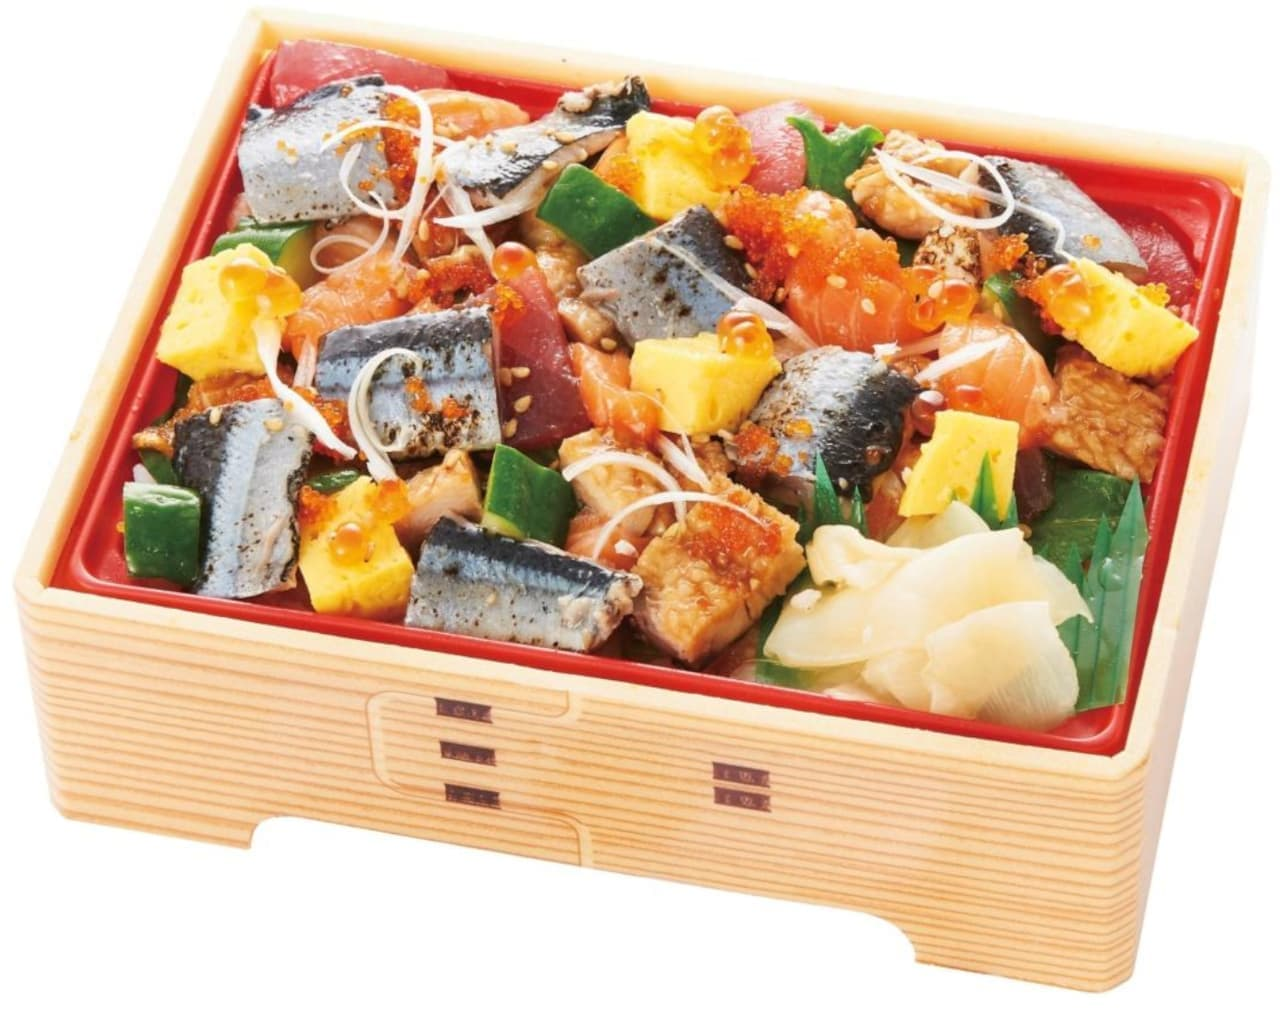 サミットストア「秋薫る炙り〆さんまの海鮮バラちらし(柚子酢飯)」